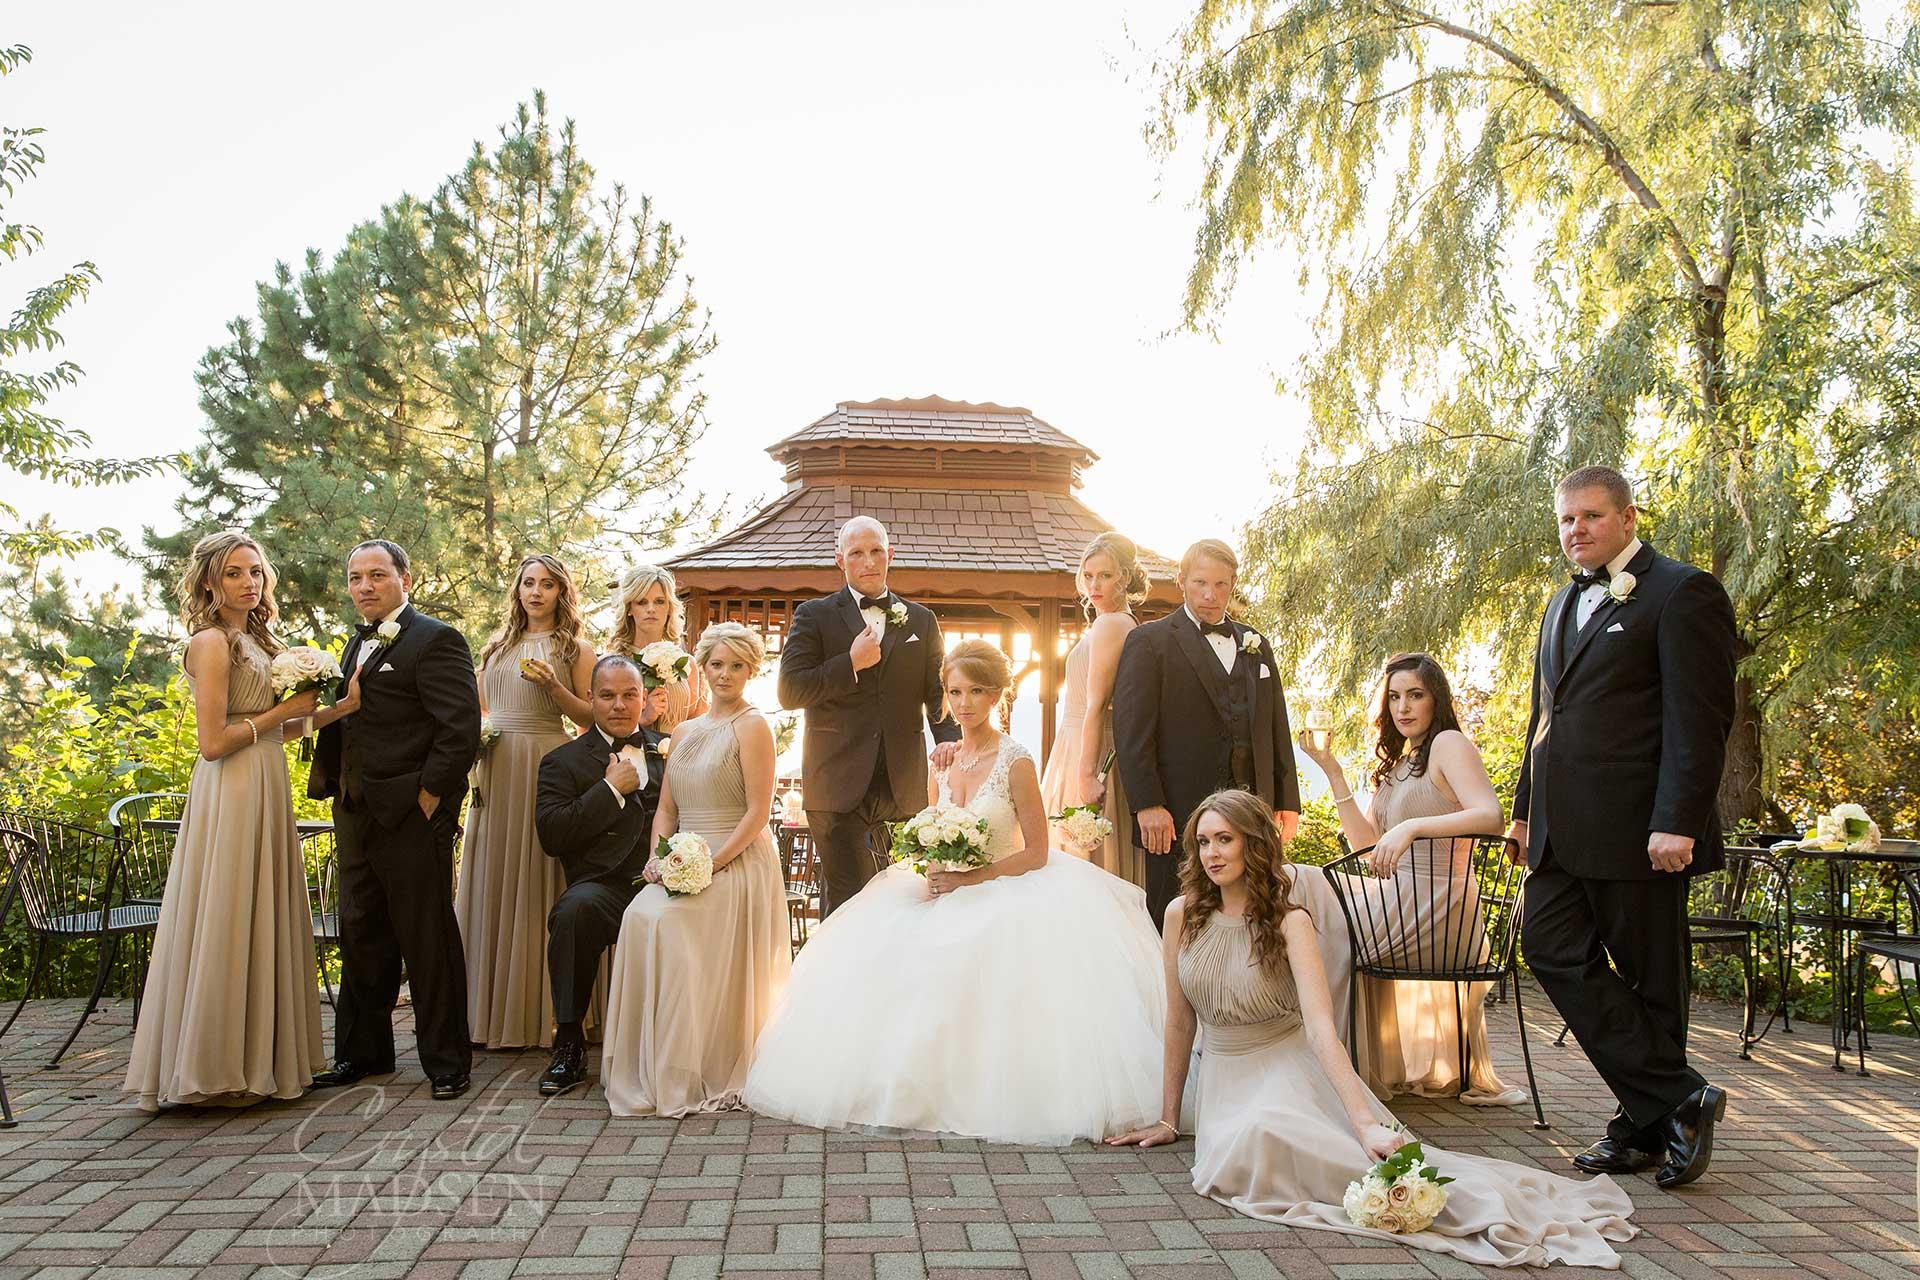 arbor-crest-summer-wedding_17